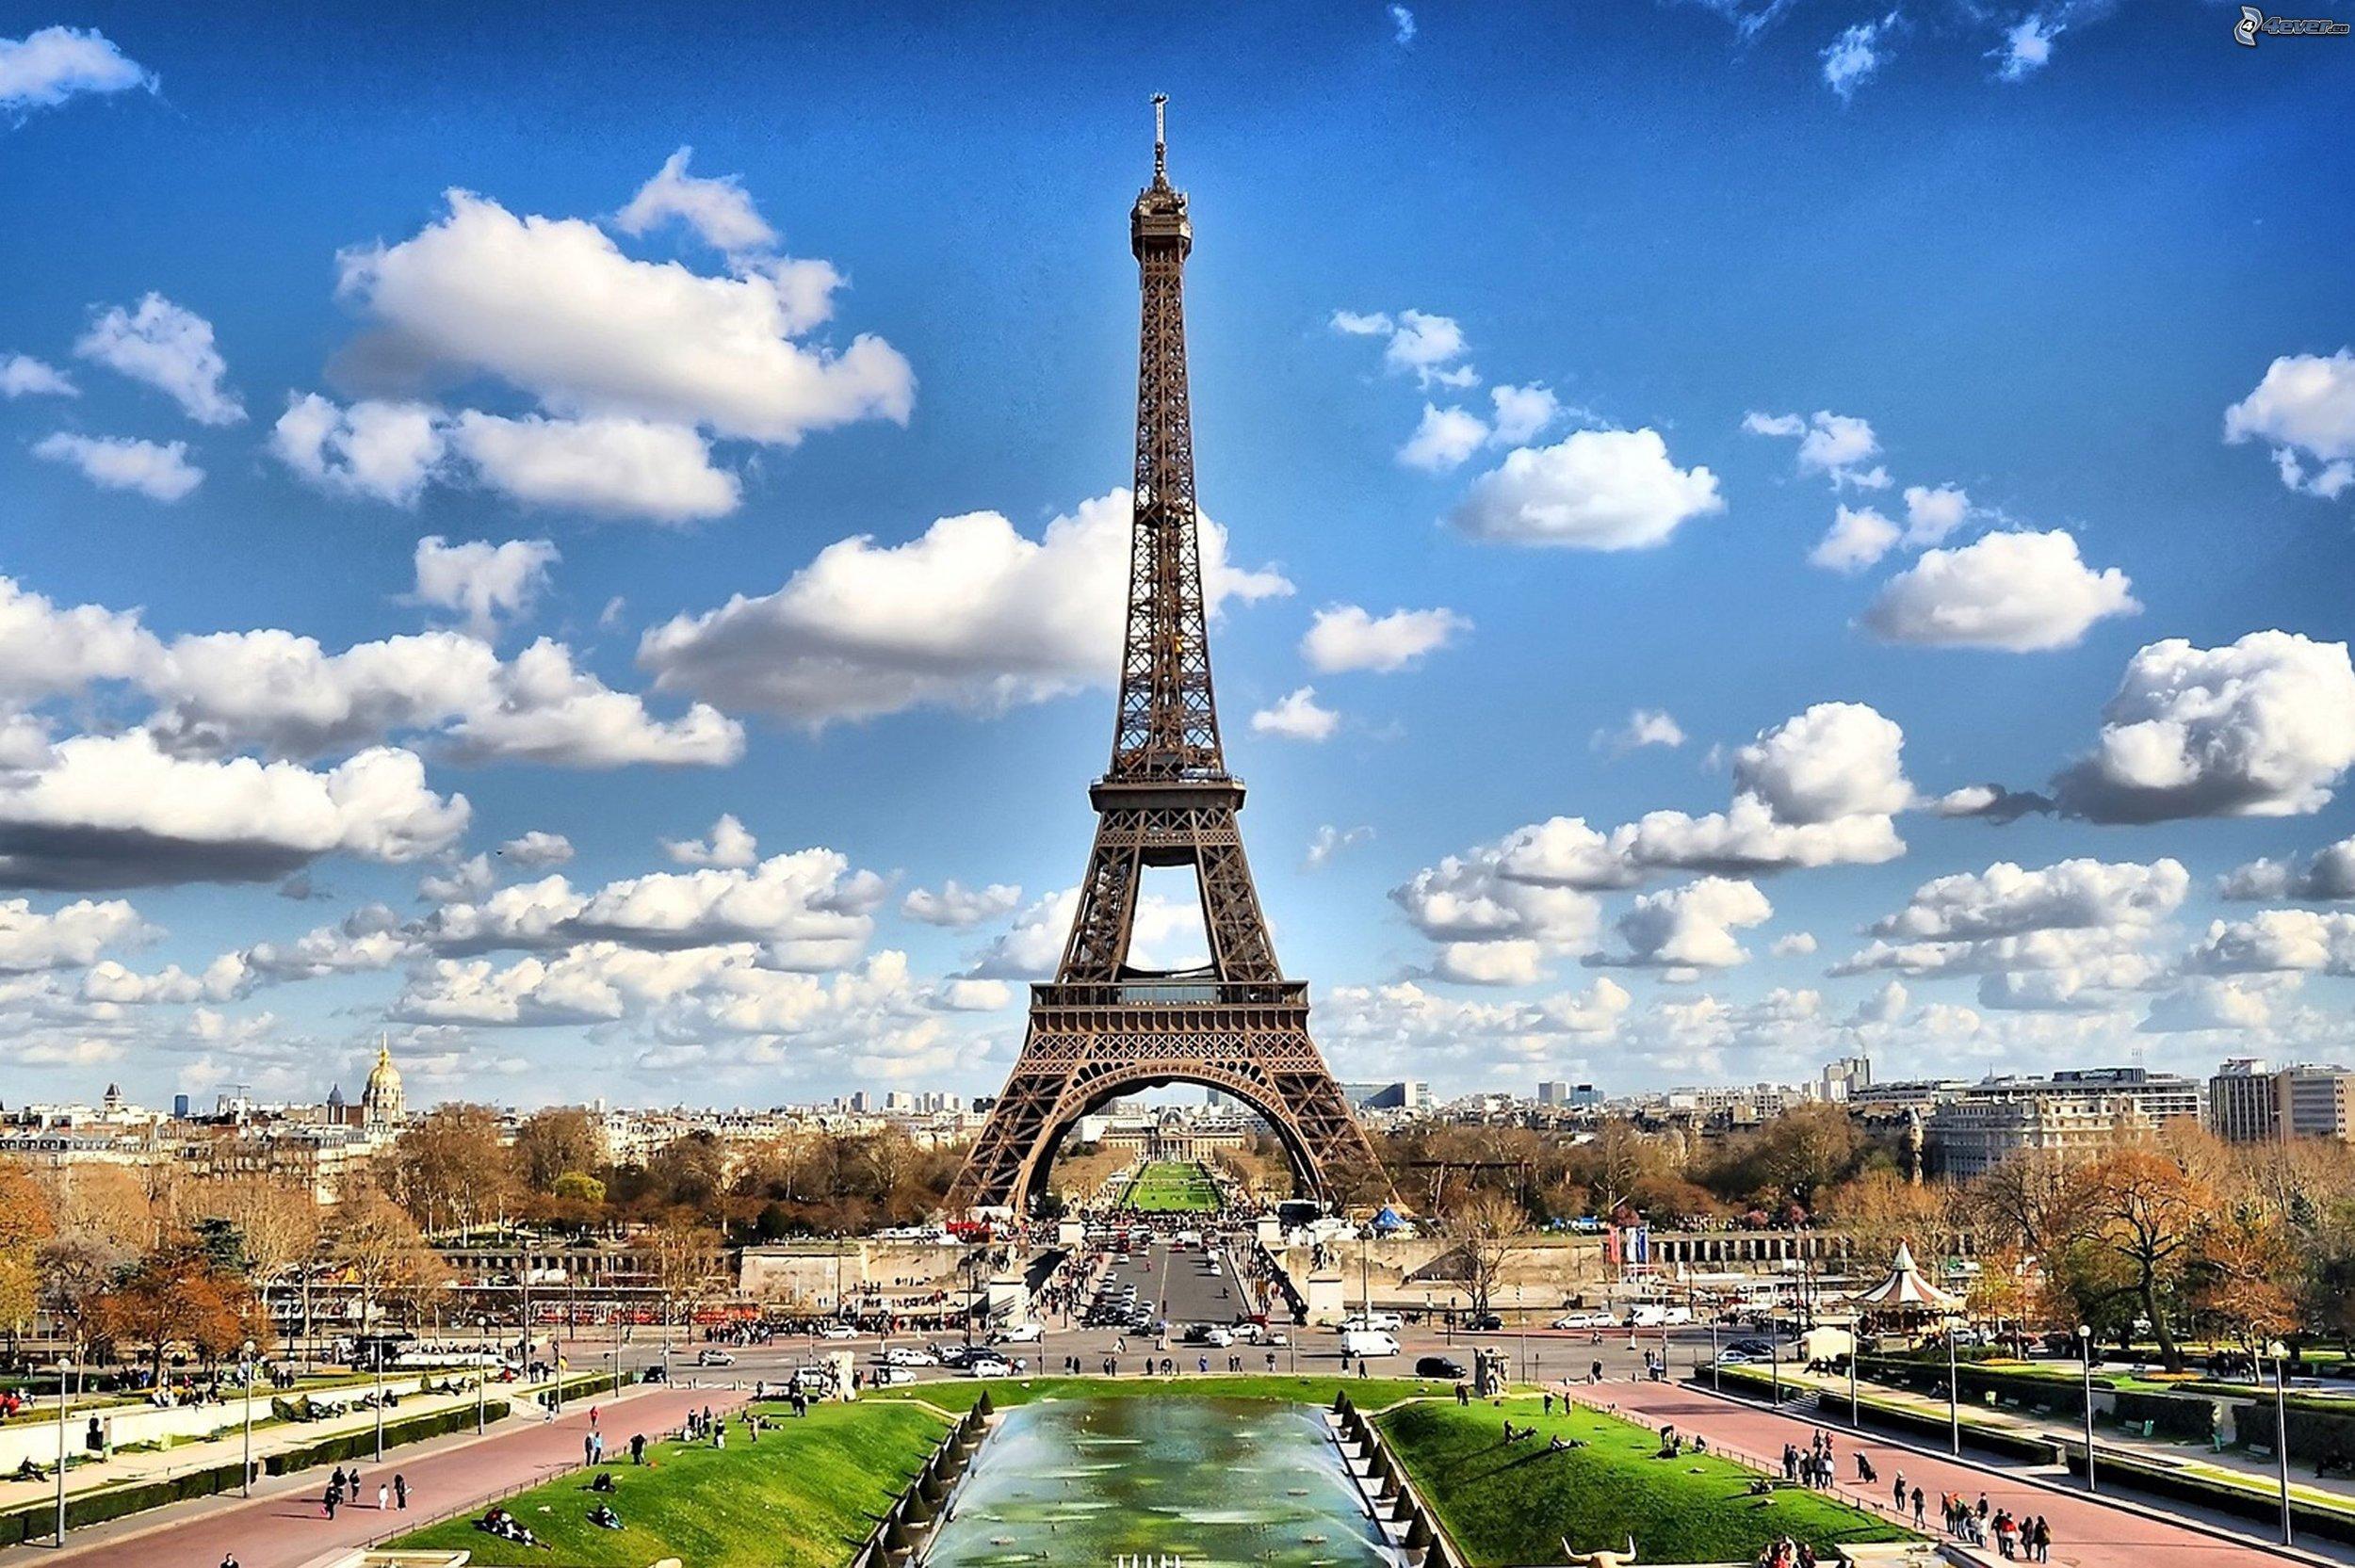 aaaahhhhh….Paris!